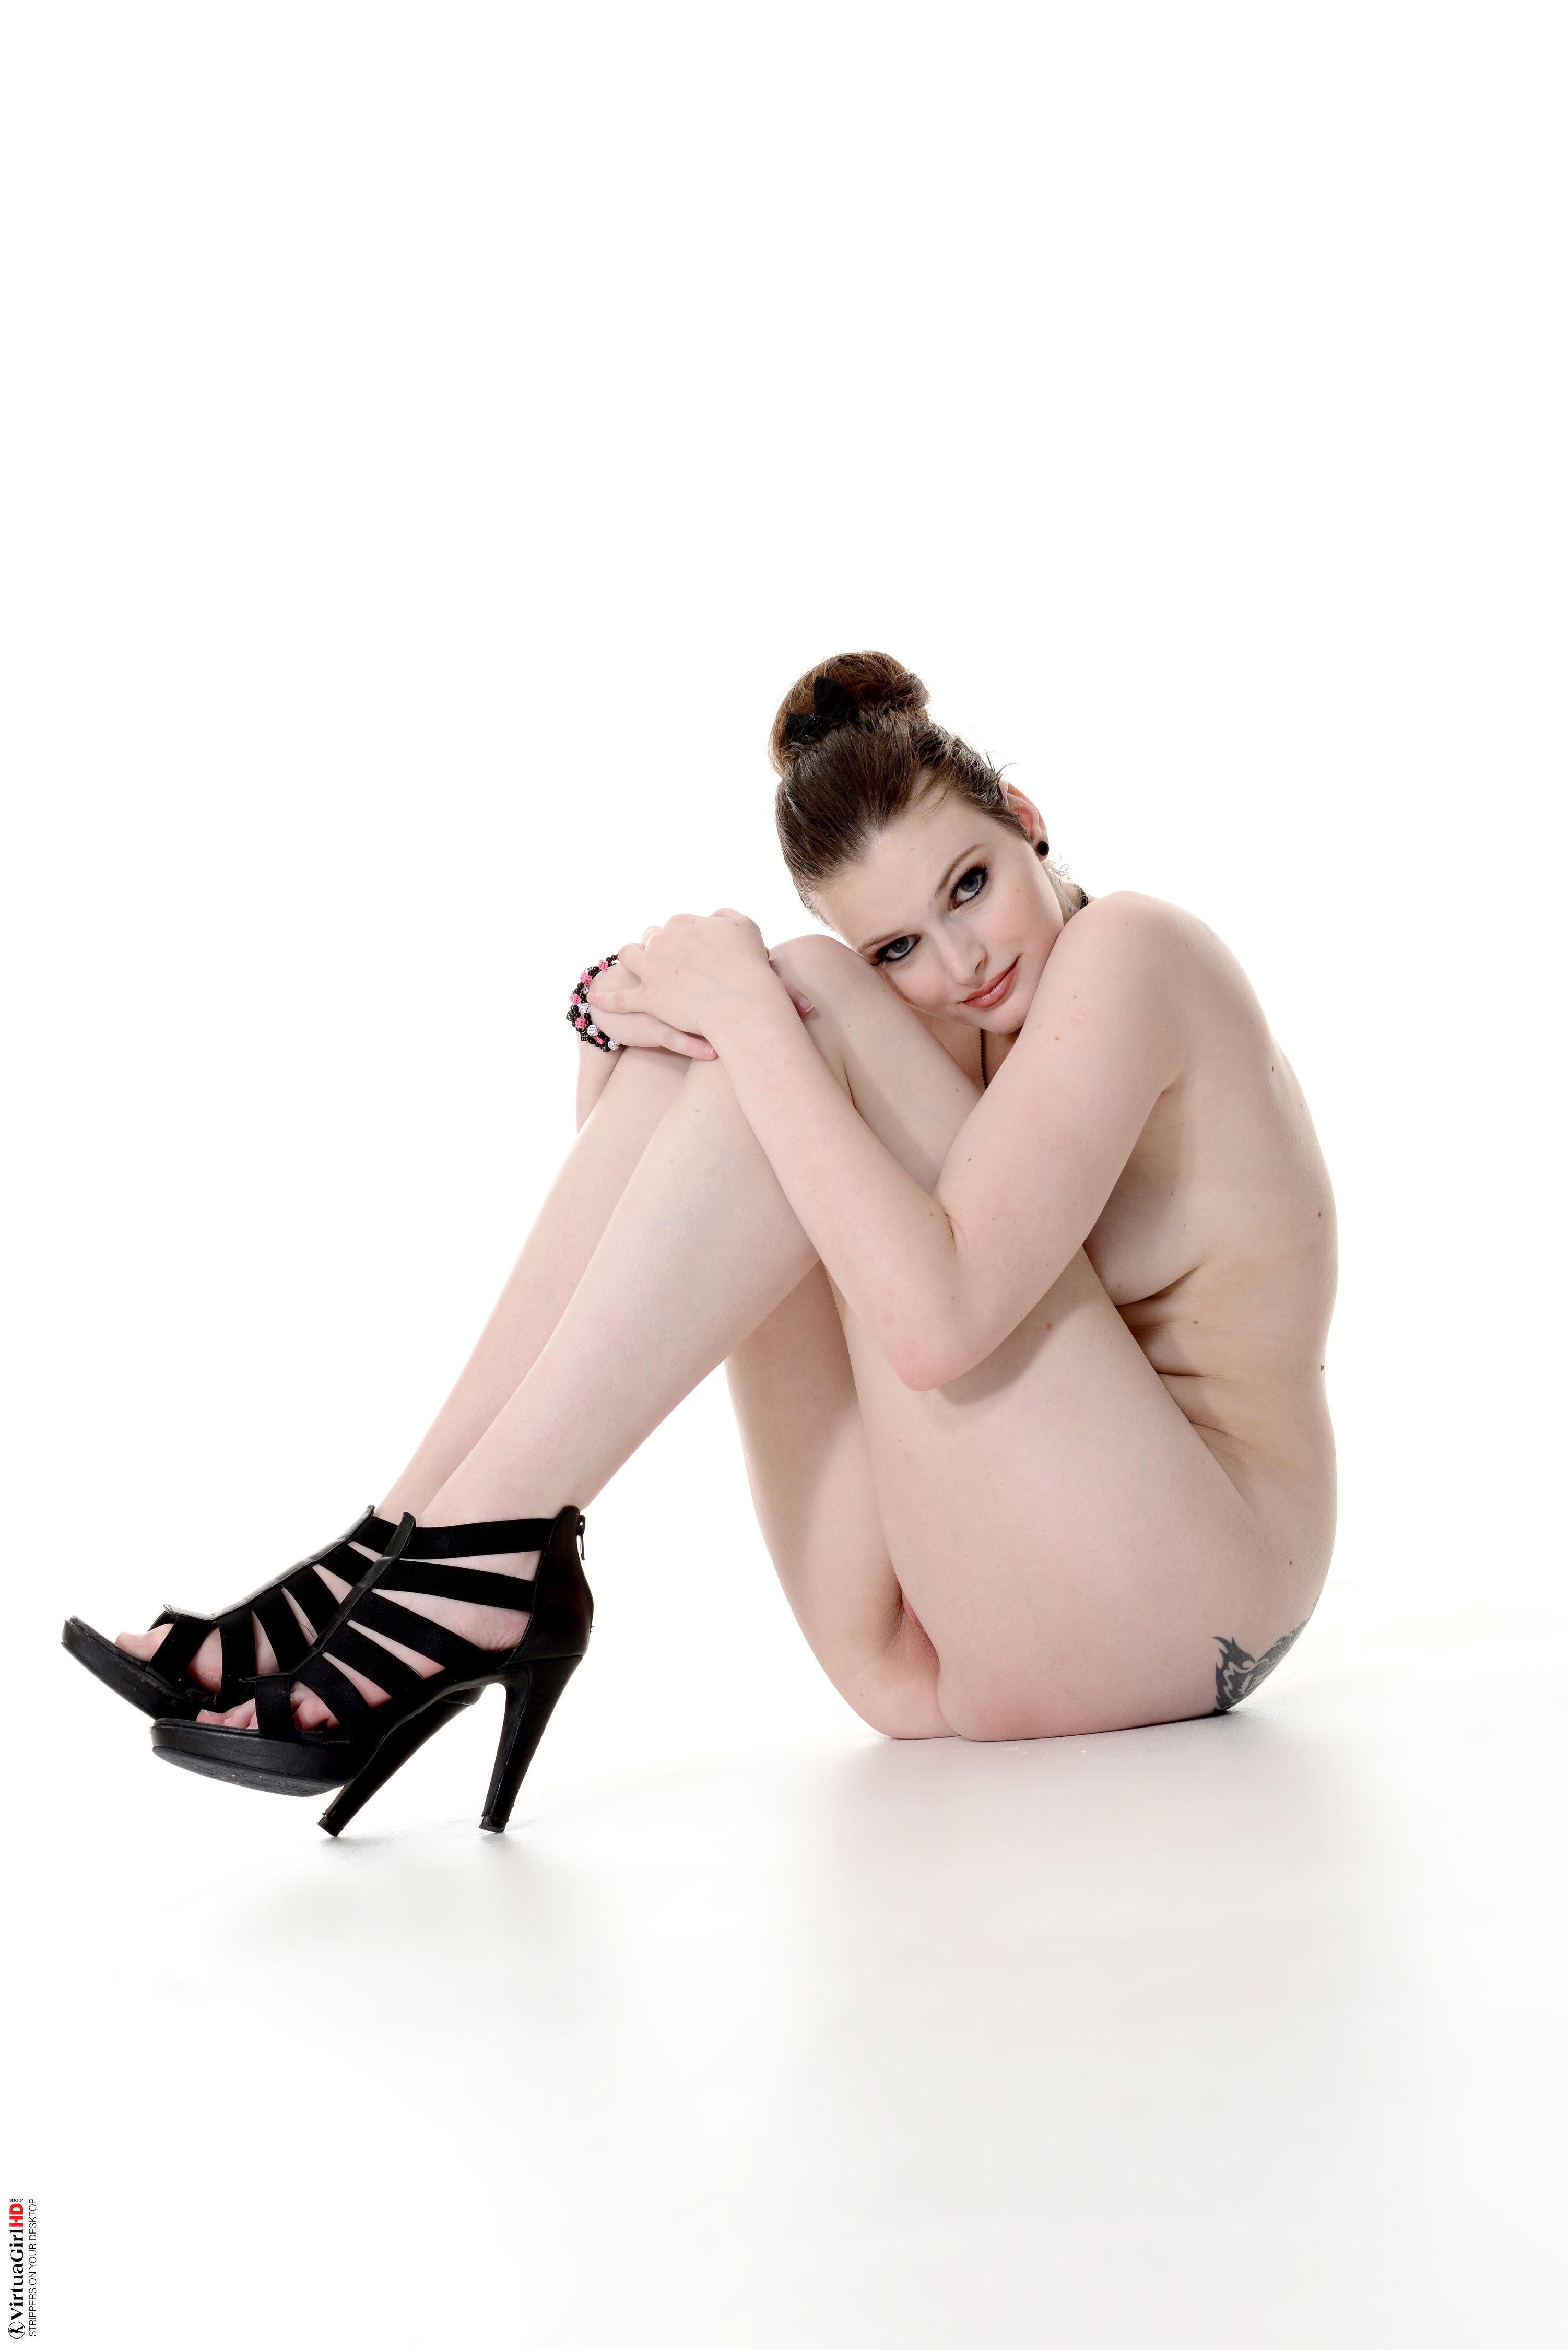 petite girls stripping